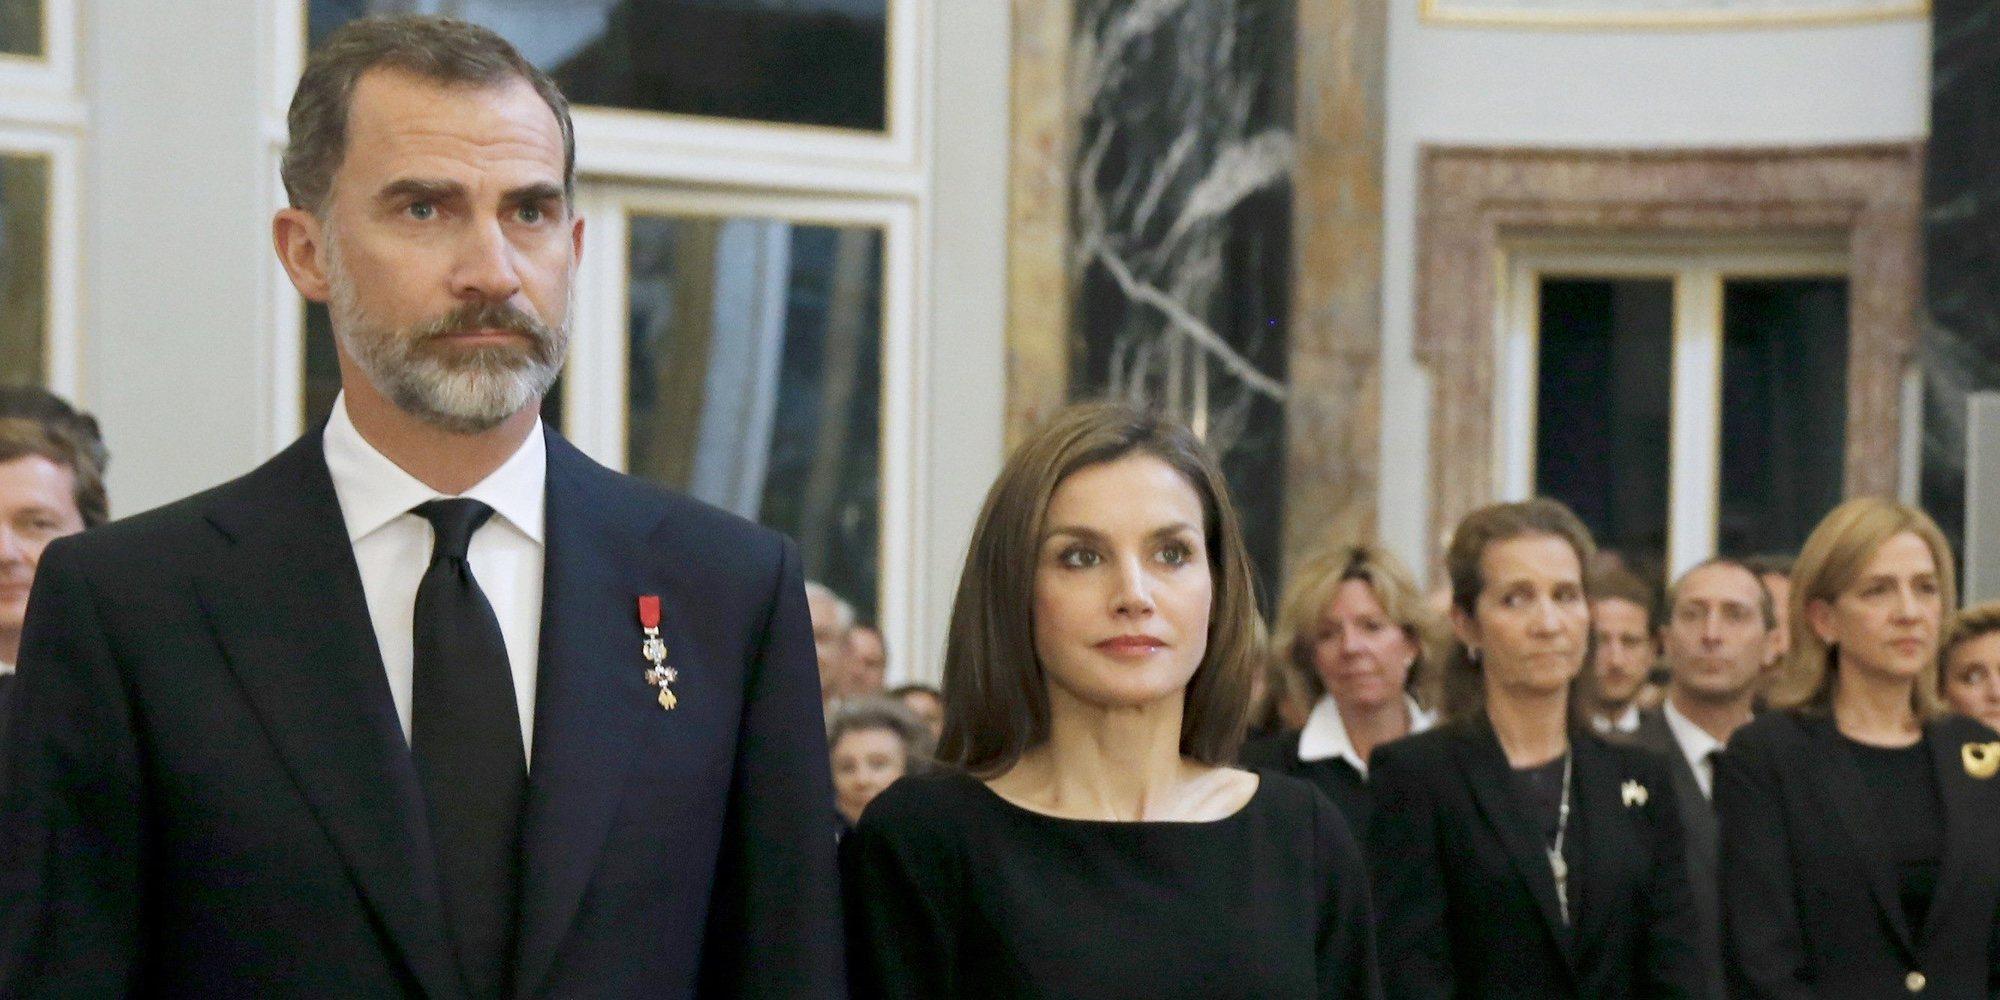 Muere Friedrich Herzog de Württemberg a los 56 años: adiós al primo del Rey Felipe y las Infantas Elena y Cristina